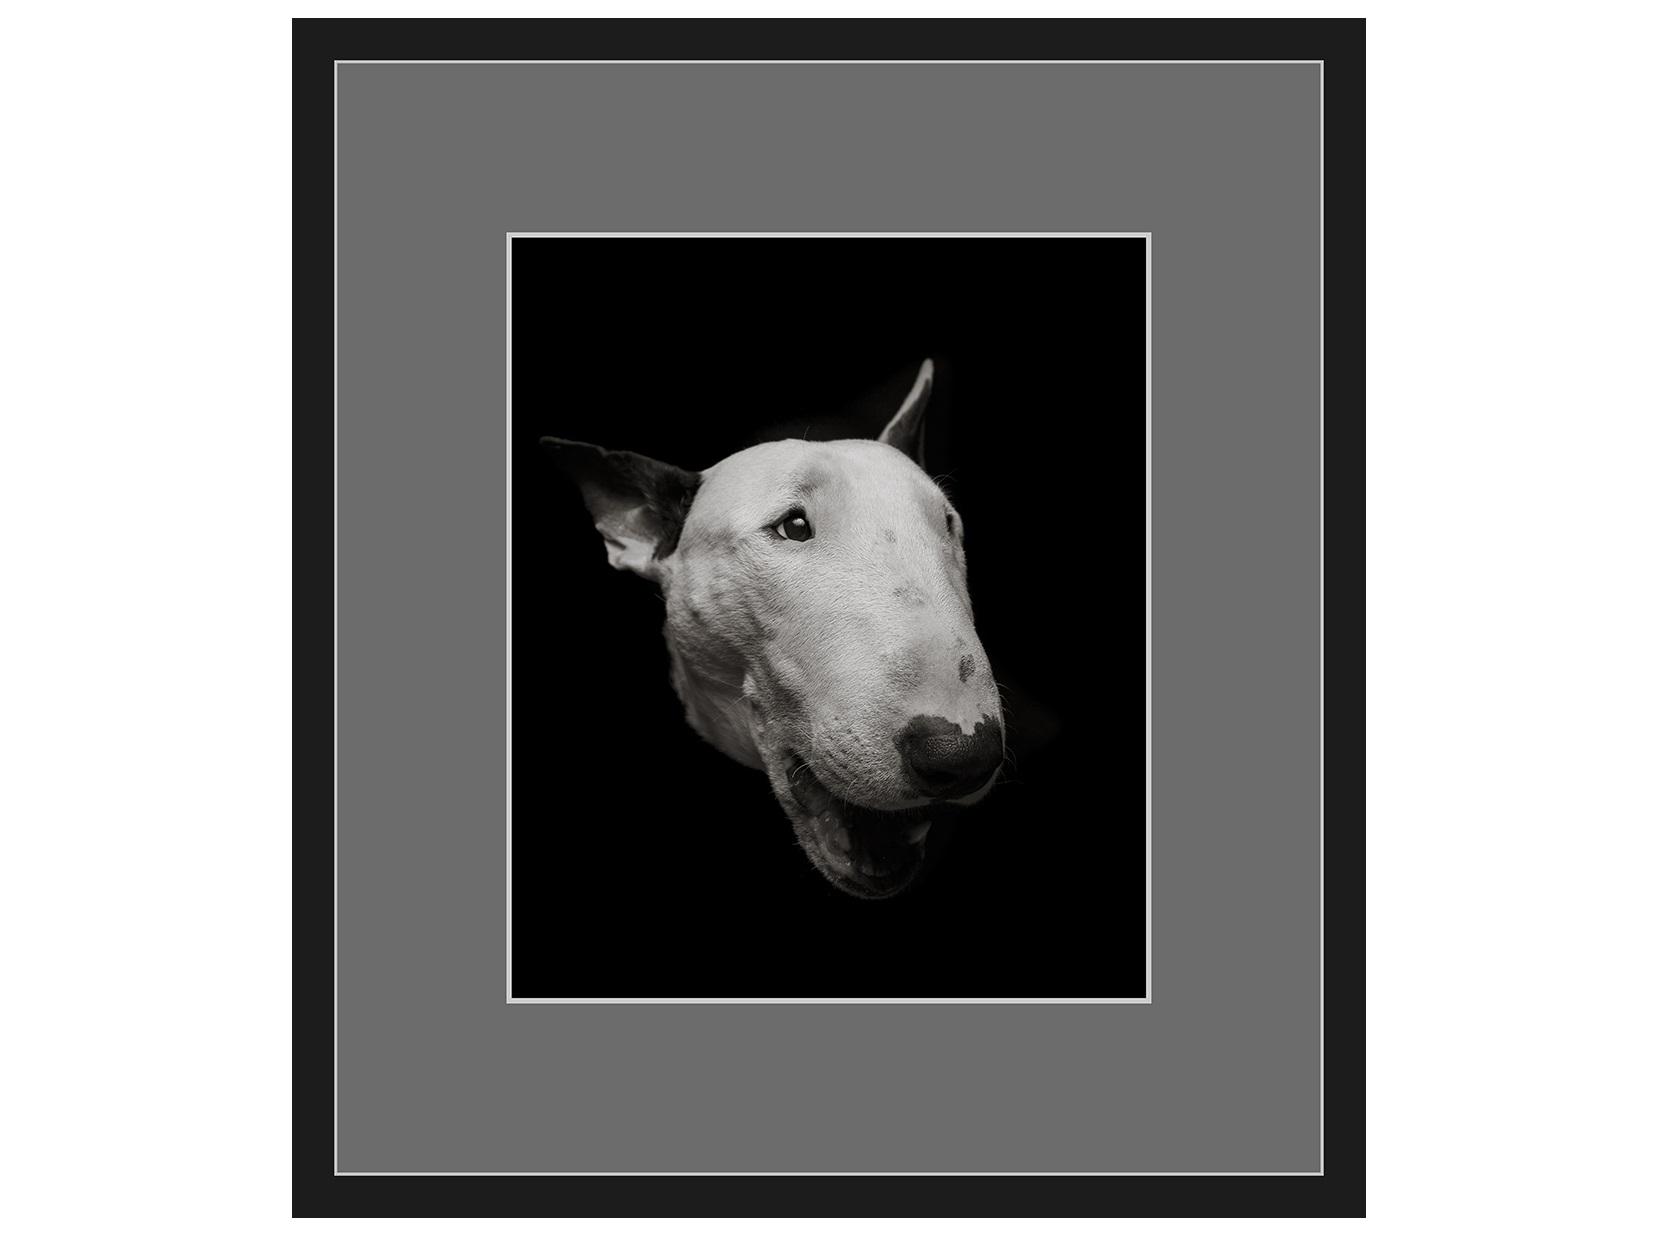 Авторская арт-фотография bull terrier #2 (george rouchin photography) черный 73x82 см. фото